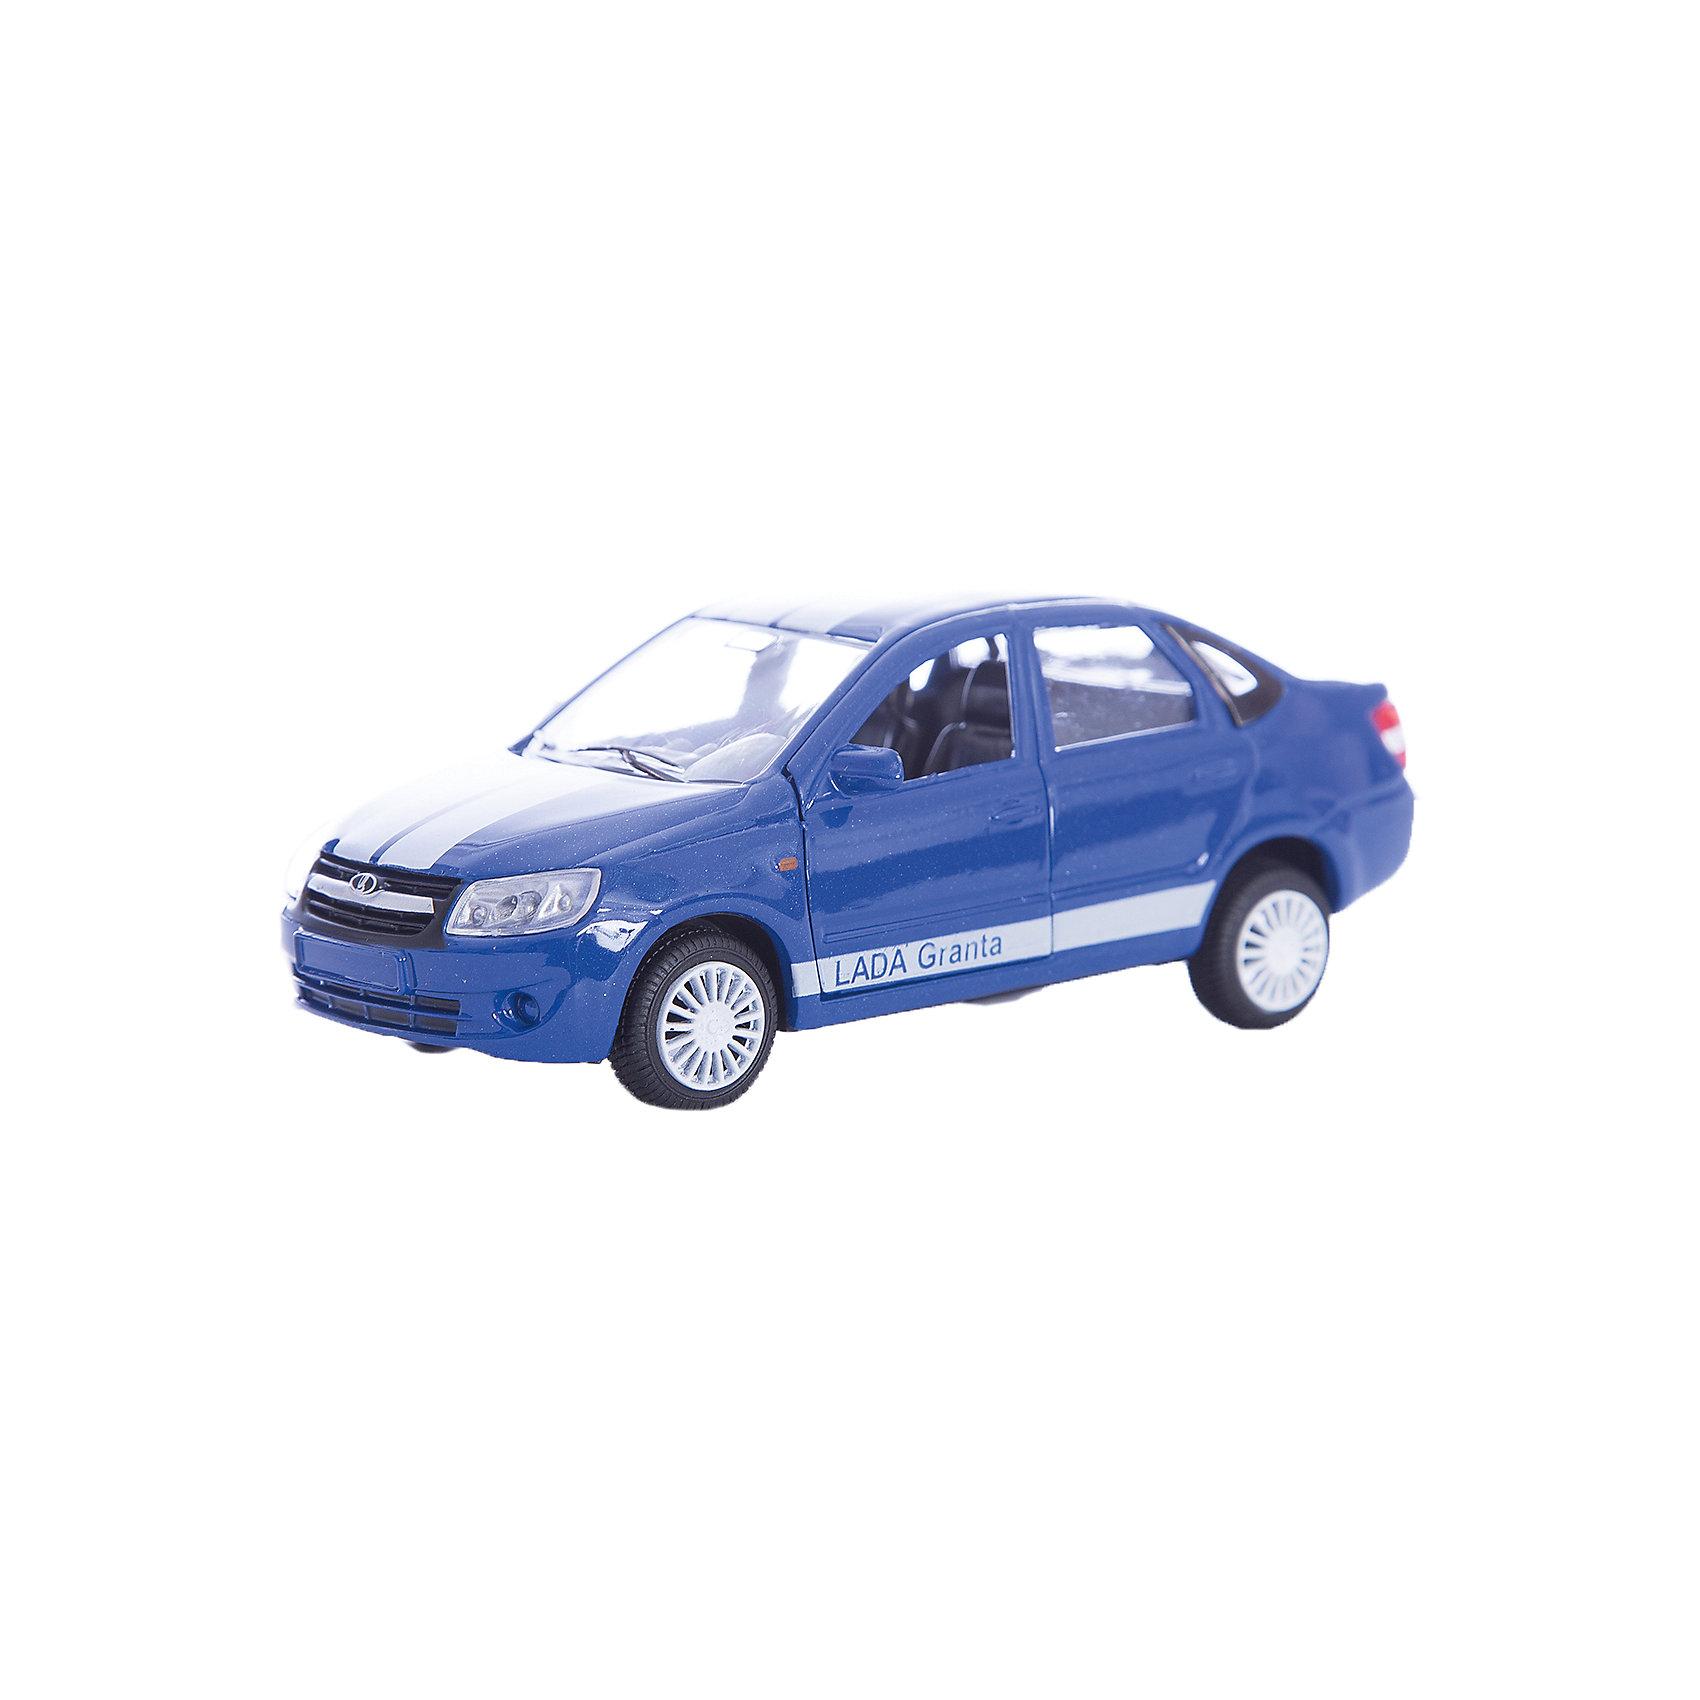 Машинка Lada Granta тюнинговая версия 1:36, AutotimeМашинки<br>Характеристики товара:<br><br>• цвет: синий<br>• возраст: от 3 лет<br>• материал: металл, пластик<br>• размер: 16,5х7,х5,7 см<br>• вес: 100 г<br>• масштаб: 1:36<br>• колеса вращаются<br>• хорошая детализация<br>• открываются двери<br>• страна бренда: Россия<br>• страна производства: Китай<br><br>Коллекционная машинка LADA GRANTA тюнинговая версия от бренда AUTOTIME станет отличным подарком для мальчика. Подробная детализация машинки порадует увлеченного коллекционера, а открывающиеся двери и свободно вращающиеся колеса придутся по душе юному владельцу игрушечного гаража. Эта игрушка подарит восторг и радость вашему ребенку. <br><br>Игрушка также воздействует на наглядно-образное мышление, логическое мышление, развивает мелкую моторику. Изделие выполнено из сертифицированных материалов, безопасных для детей.<br><br>Машинку «Lada Granta» тюнинговая версия от бренда AUTOTIME можно купить в нашем интернет-магазине.<br><br>Ширина мм: 165<br>Глубина мм: 57<br>Высота мм: 75<br>Вес г: 13<br>Возраст от месяцев: 36<br>Возраст до месяцев: 2147483647<br>Пол: Мужской<br>Возраст: Детский<br>SKU: 5583892